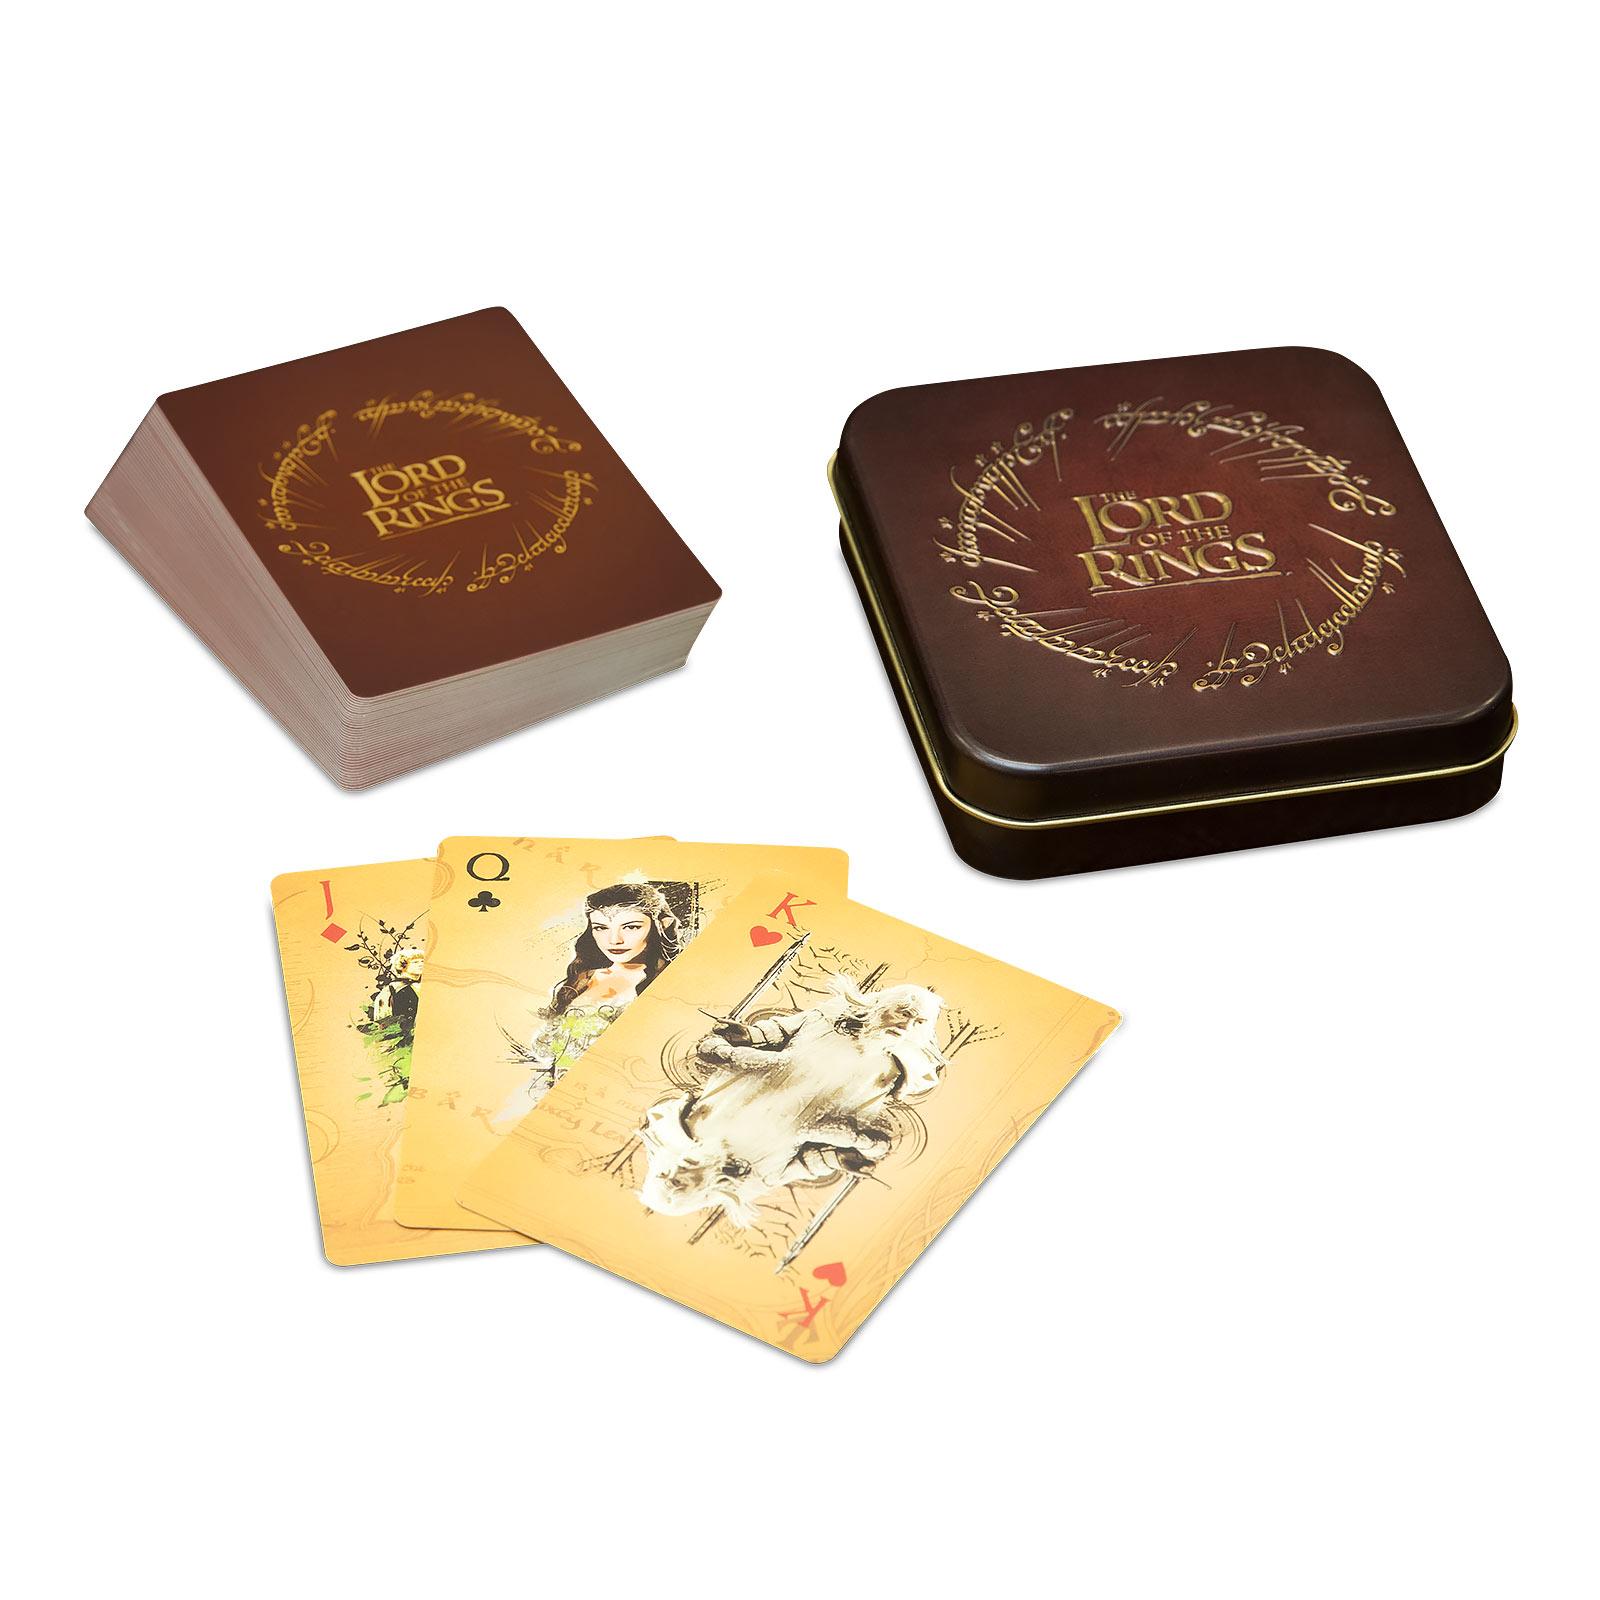 Herr der Ringe Spielkarten in Metallbox